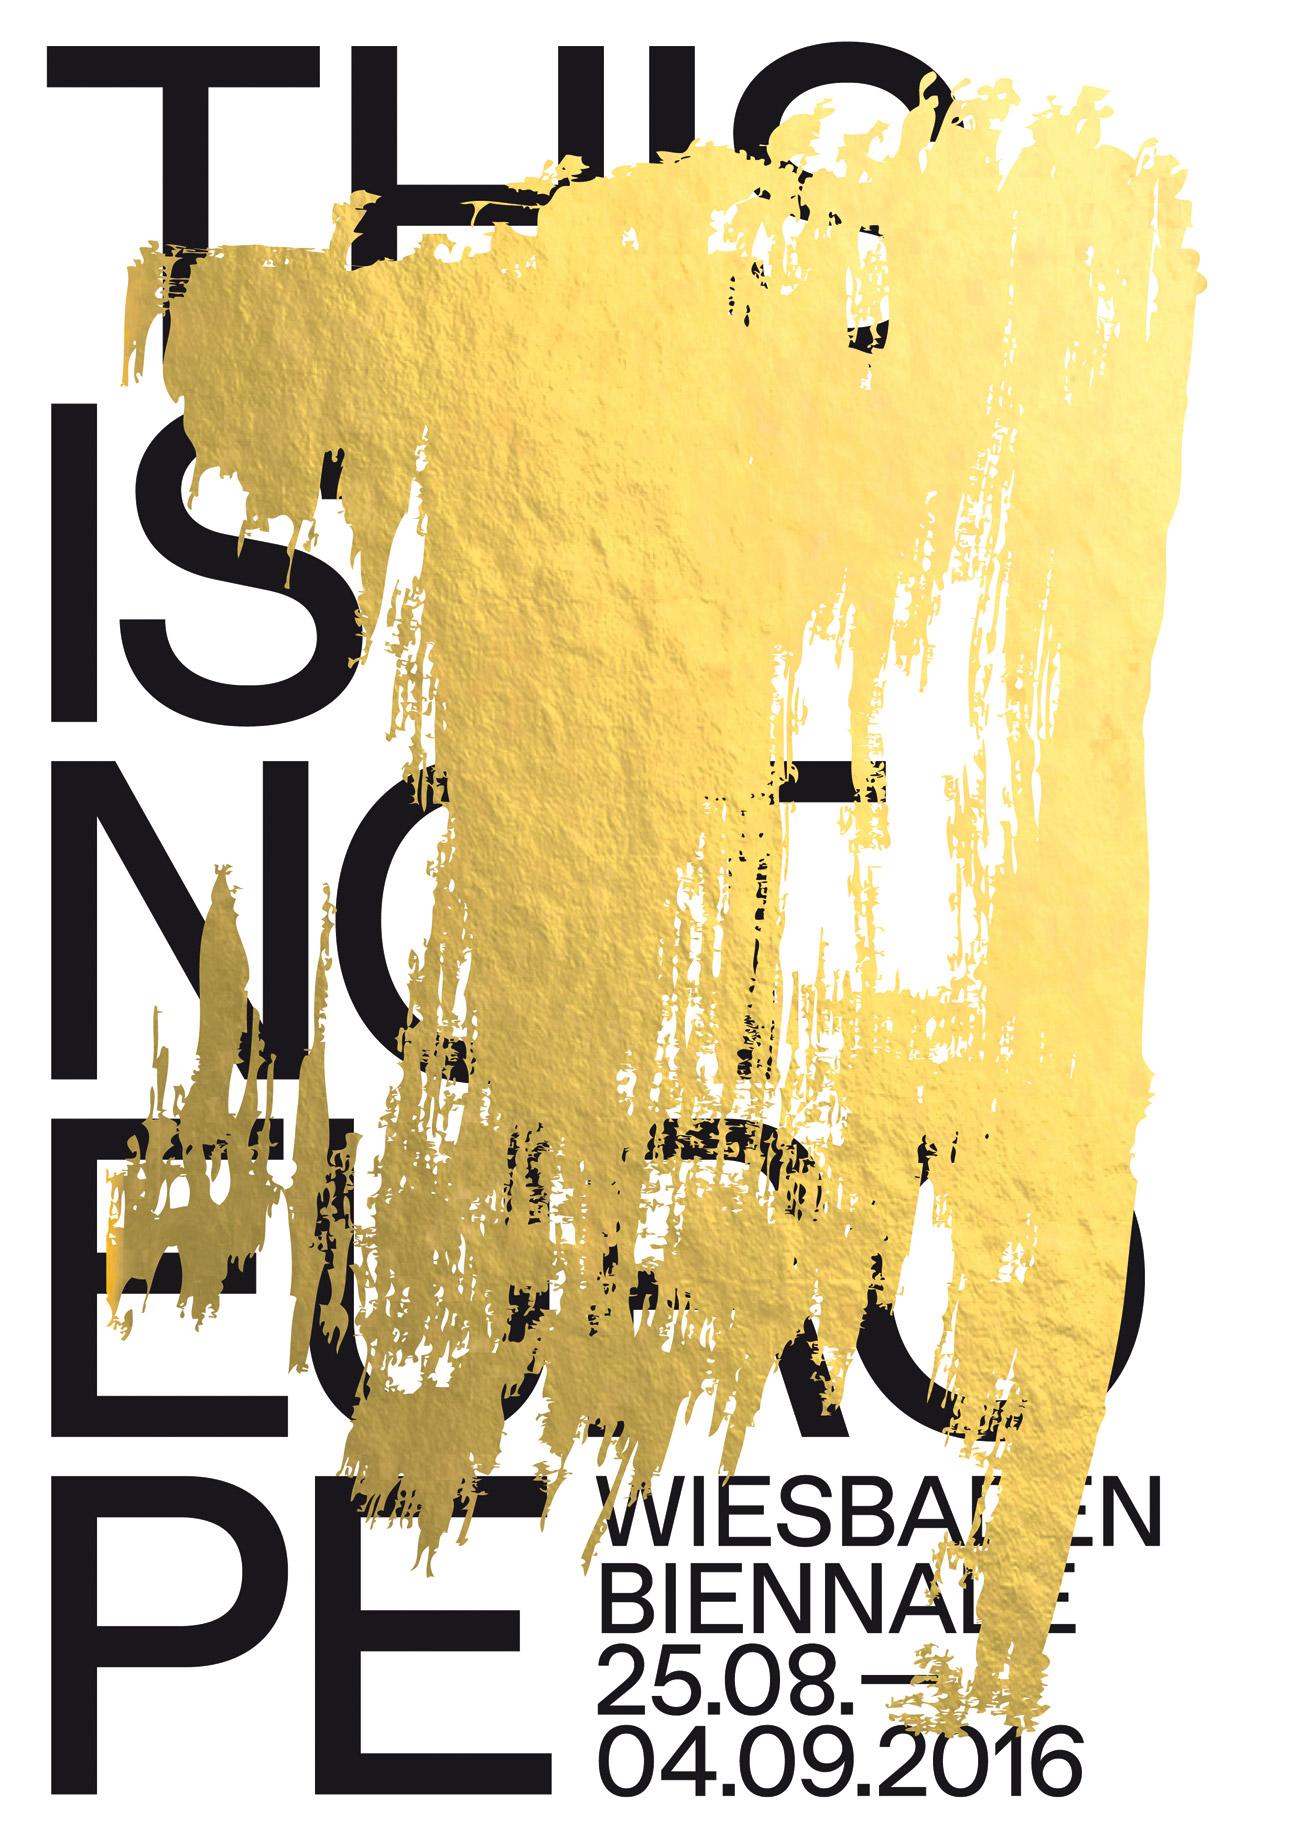 Theater Biennale Wiesbaden